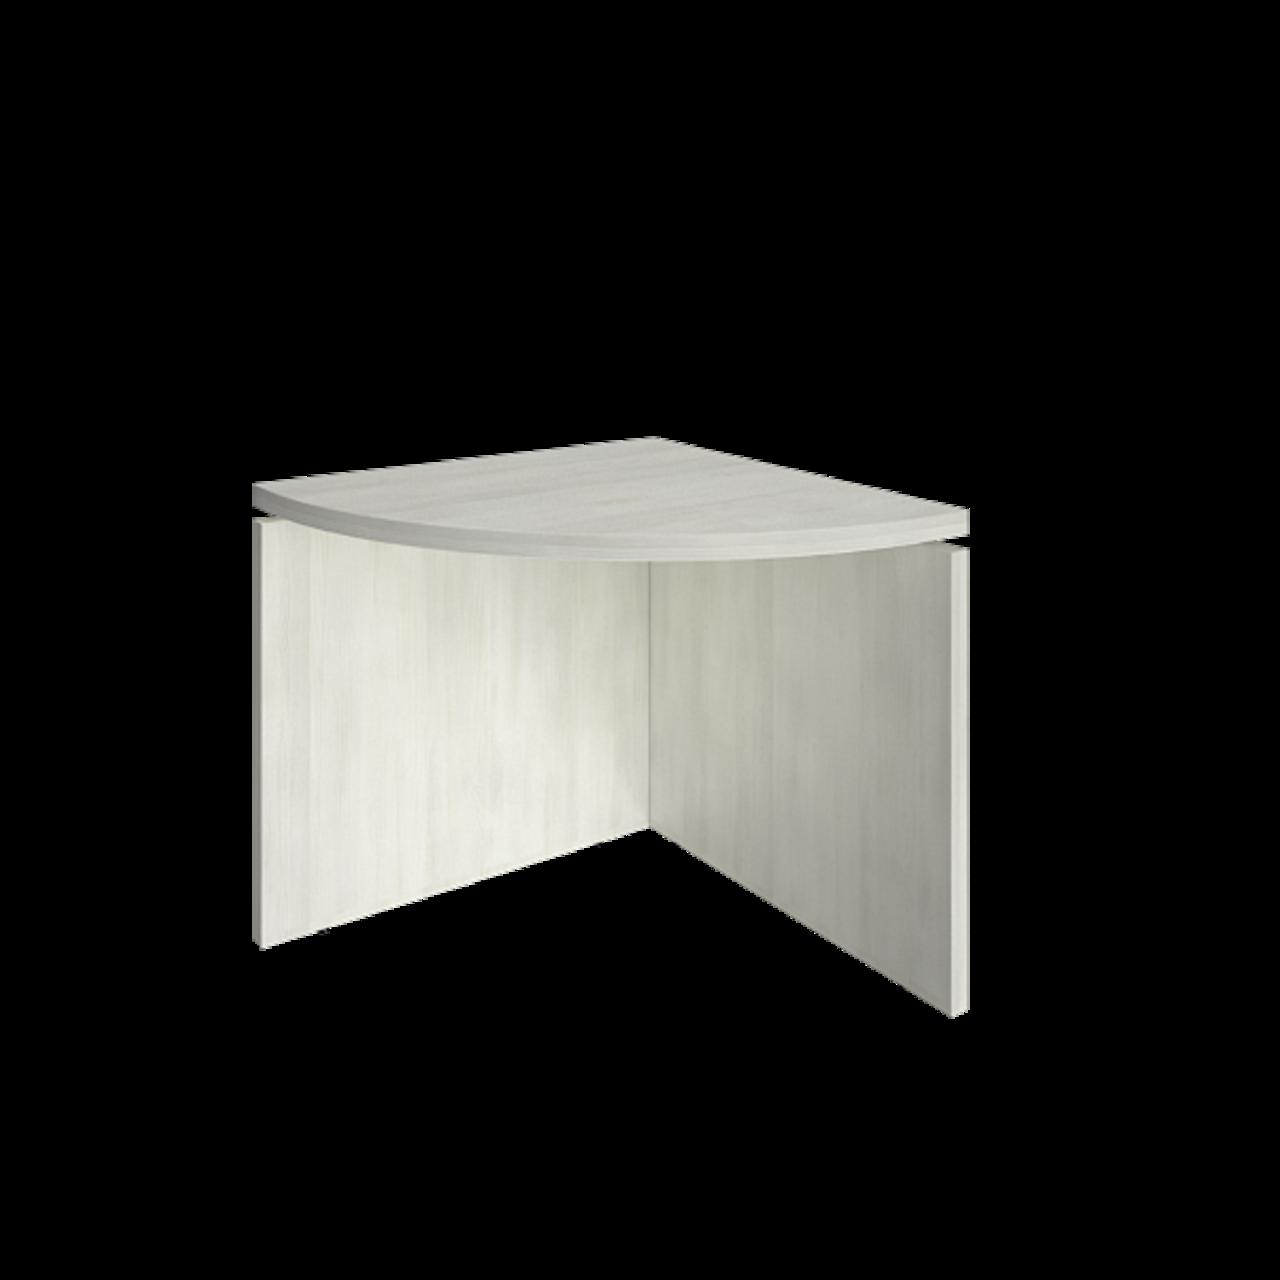 Элемент наборного переговорного стола левый - фото 2